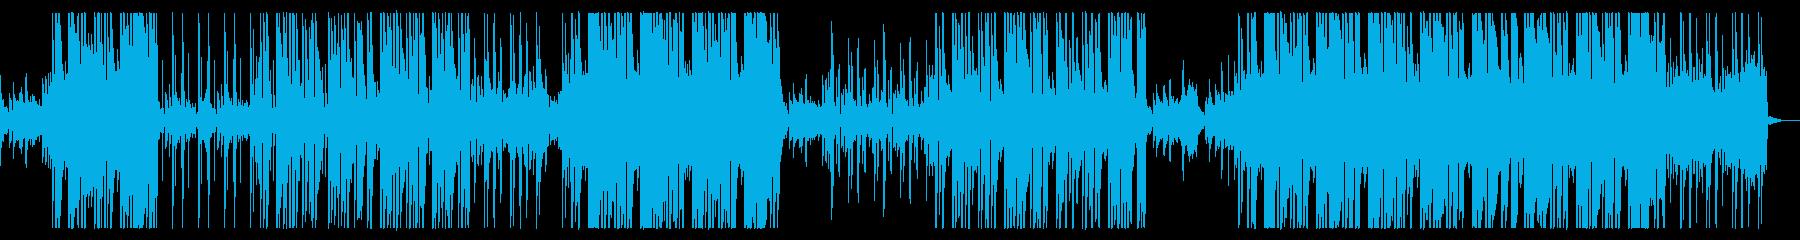 感動的ピアノ・ヒップホップの再生済みの波形